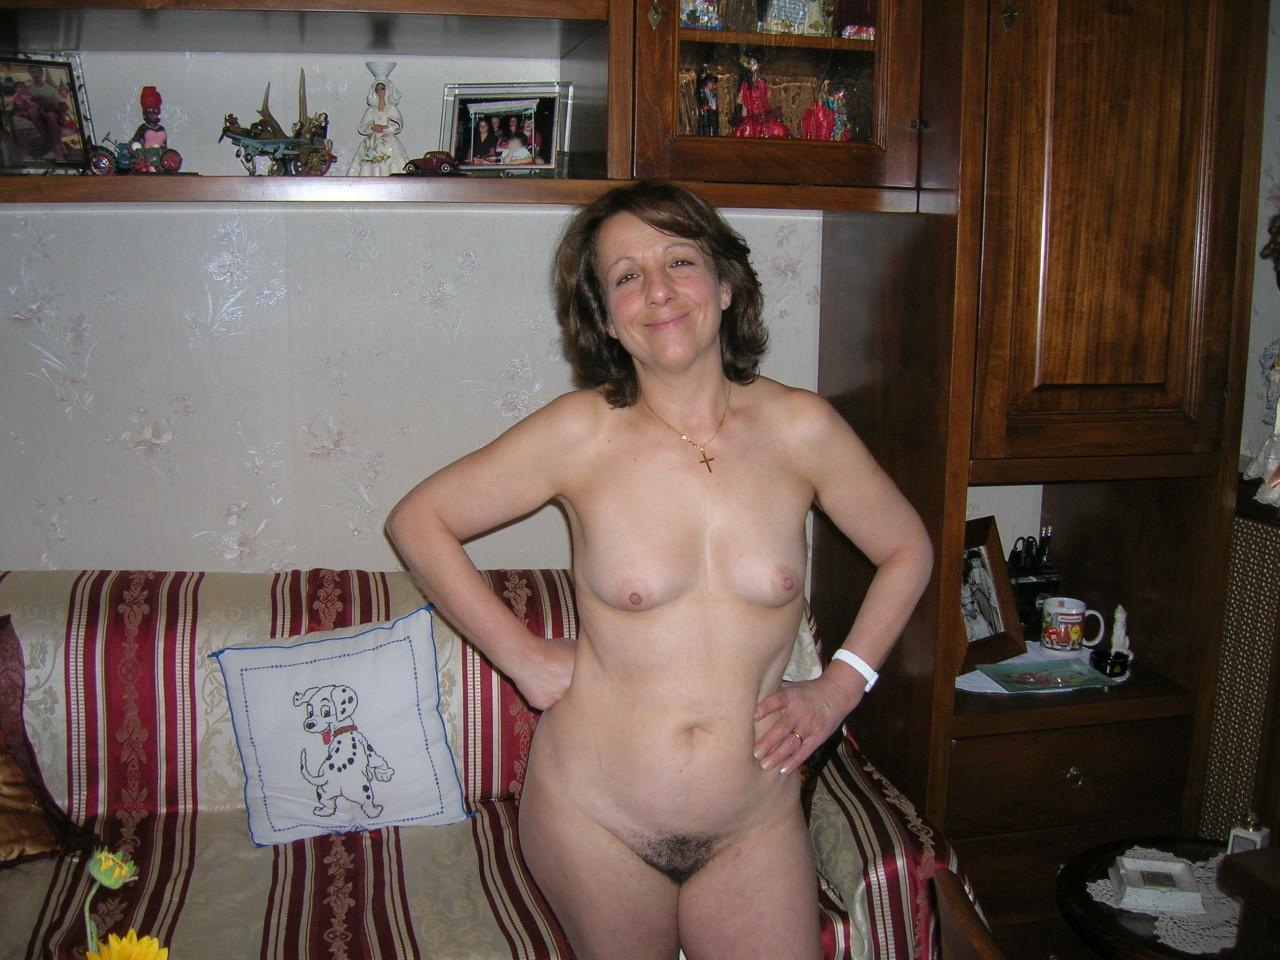 Русская голая жена дома, голые жены Частное порно фото голых жен 5 фотография